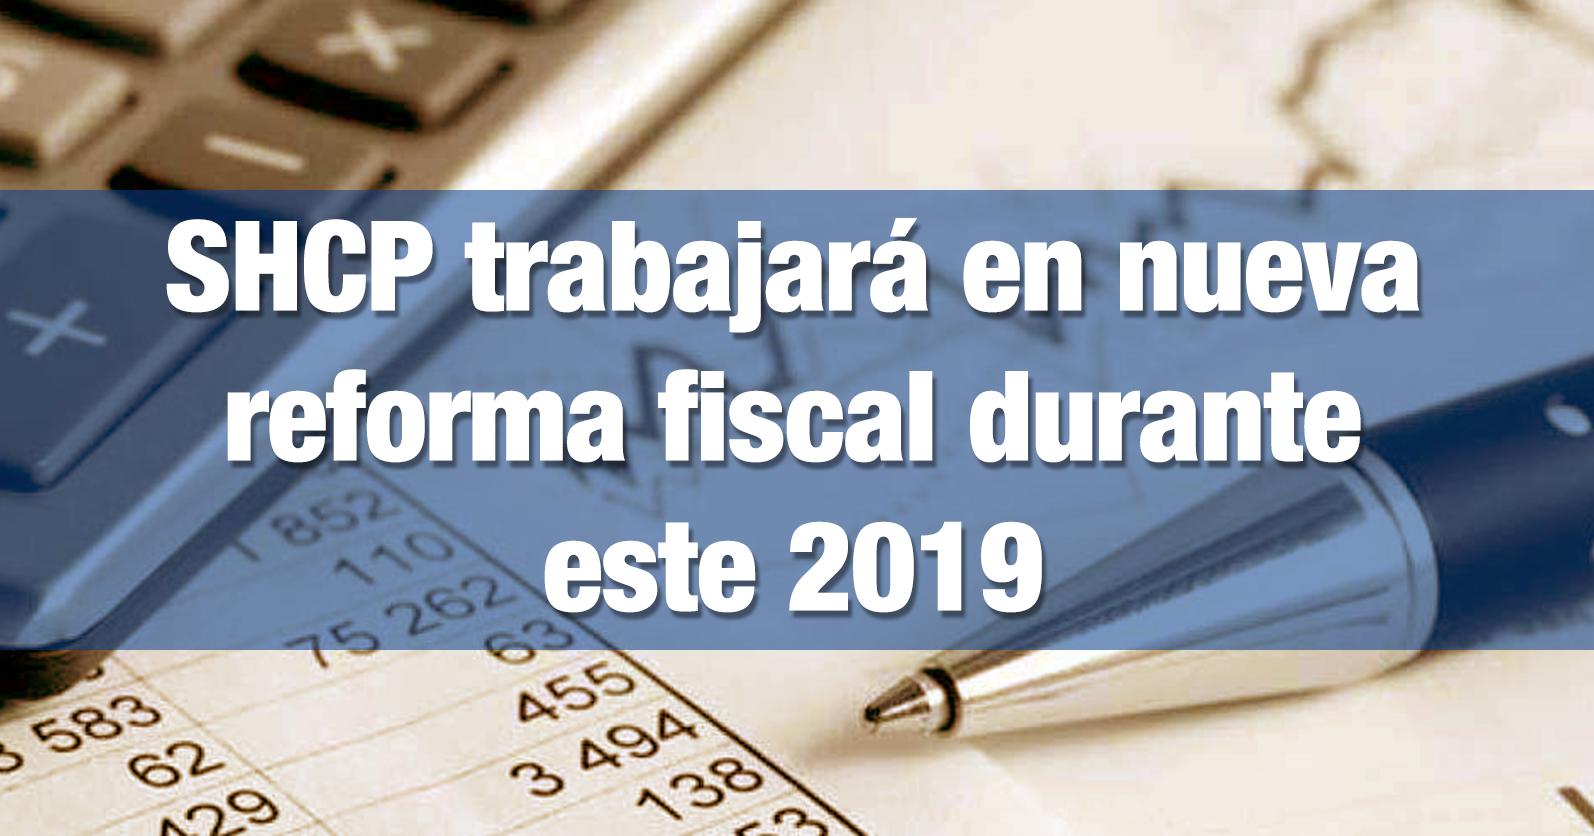 SHCP trabajará en nueva reforma fiscal durante este 2019